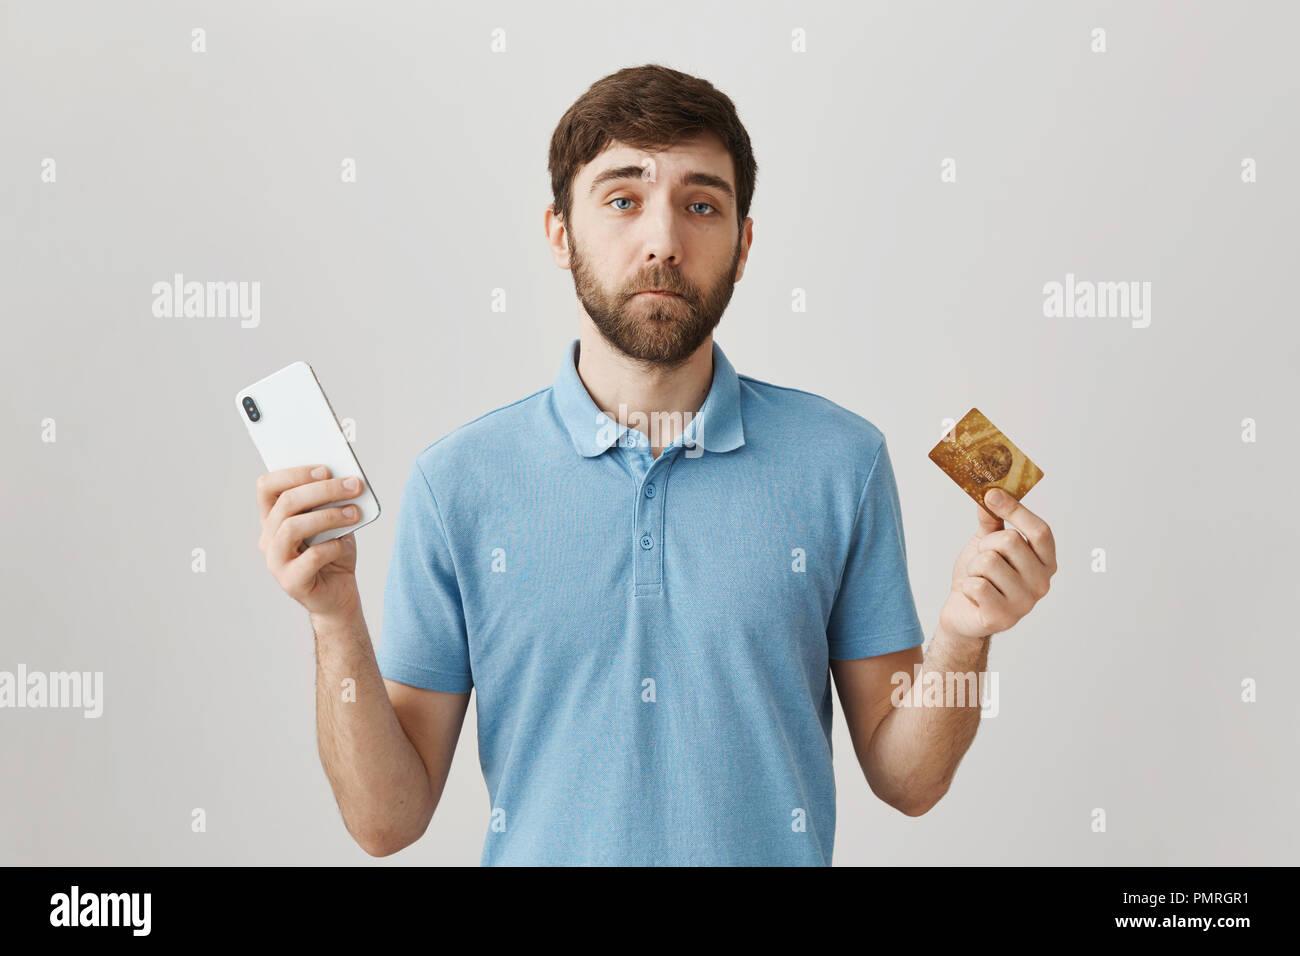 Carte de crédit inutile avec un faible solde. Portrait de gloomy déplut jeune barbu holding smartphone et de cartes bancaires, des problèmes avec le paiement en ligne, debout sur fond gris Banque D'Images